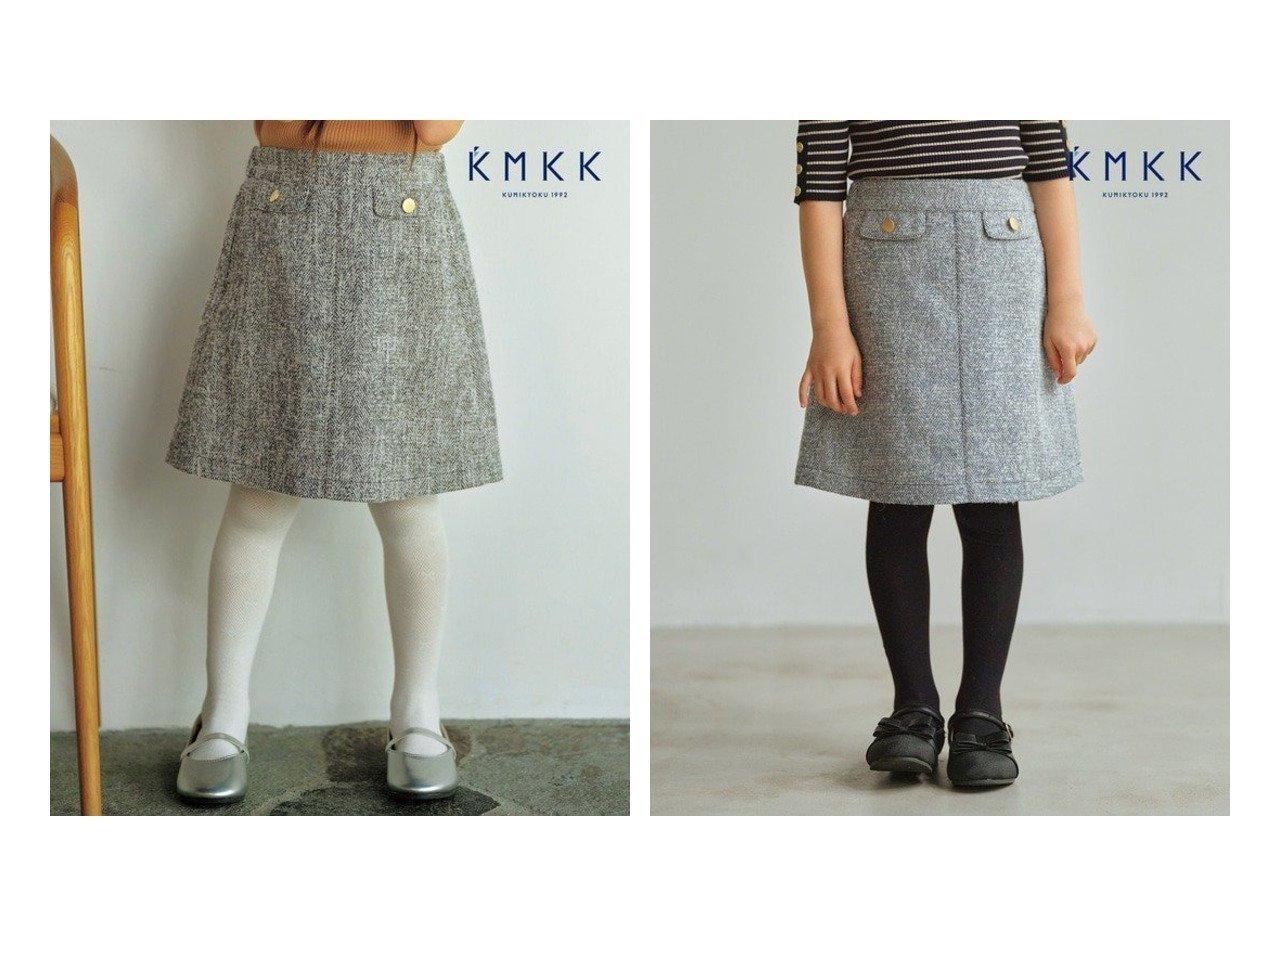 【KUMIKYOKU / KIDS/組曲】の【100-120cm】 へリンボーン ツイード スカート(番号KJ45) 【KIDS】子供服のおすすめ!人気トレンド・キッズファッションの通販 おすすめで人気の流行・トレンド、ファッションの通販商品 メンズファッション・キッズファッション・インテリア・家具・レディースファッション・服の通販 founy(ファニー) https://founy.com/ ファッション Fashion キッズファッション KIDS インディゴ 秋 Autumn/Fall ストレッチ ツイード ハンカチ フラップ ベーシック ポケット モノトーン ループ A/W 秋冬 AW Autumn/Winter / FW Fall-Winter 2020年 2020 2020-2021 秋冬 A/W AW Autumn/Winter / FW Fall-Winter 2020-2021 送料無料 Free Shipping |ID:crp329100000015248